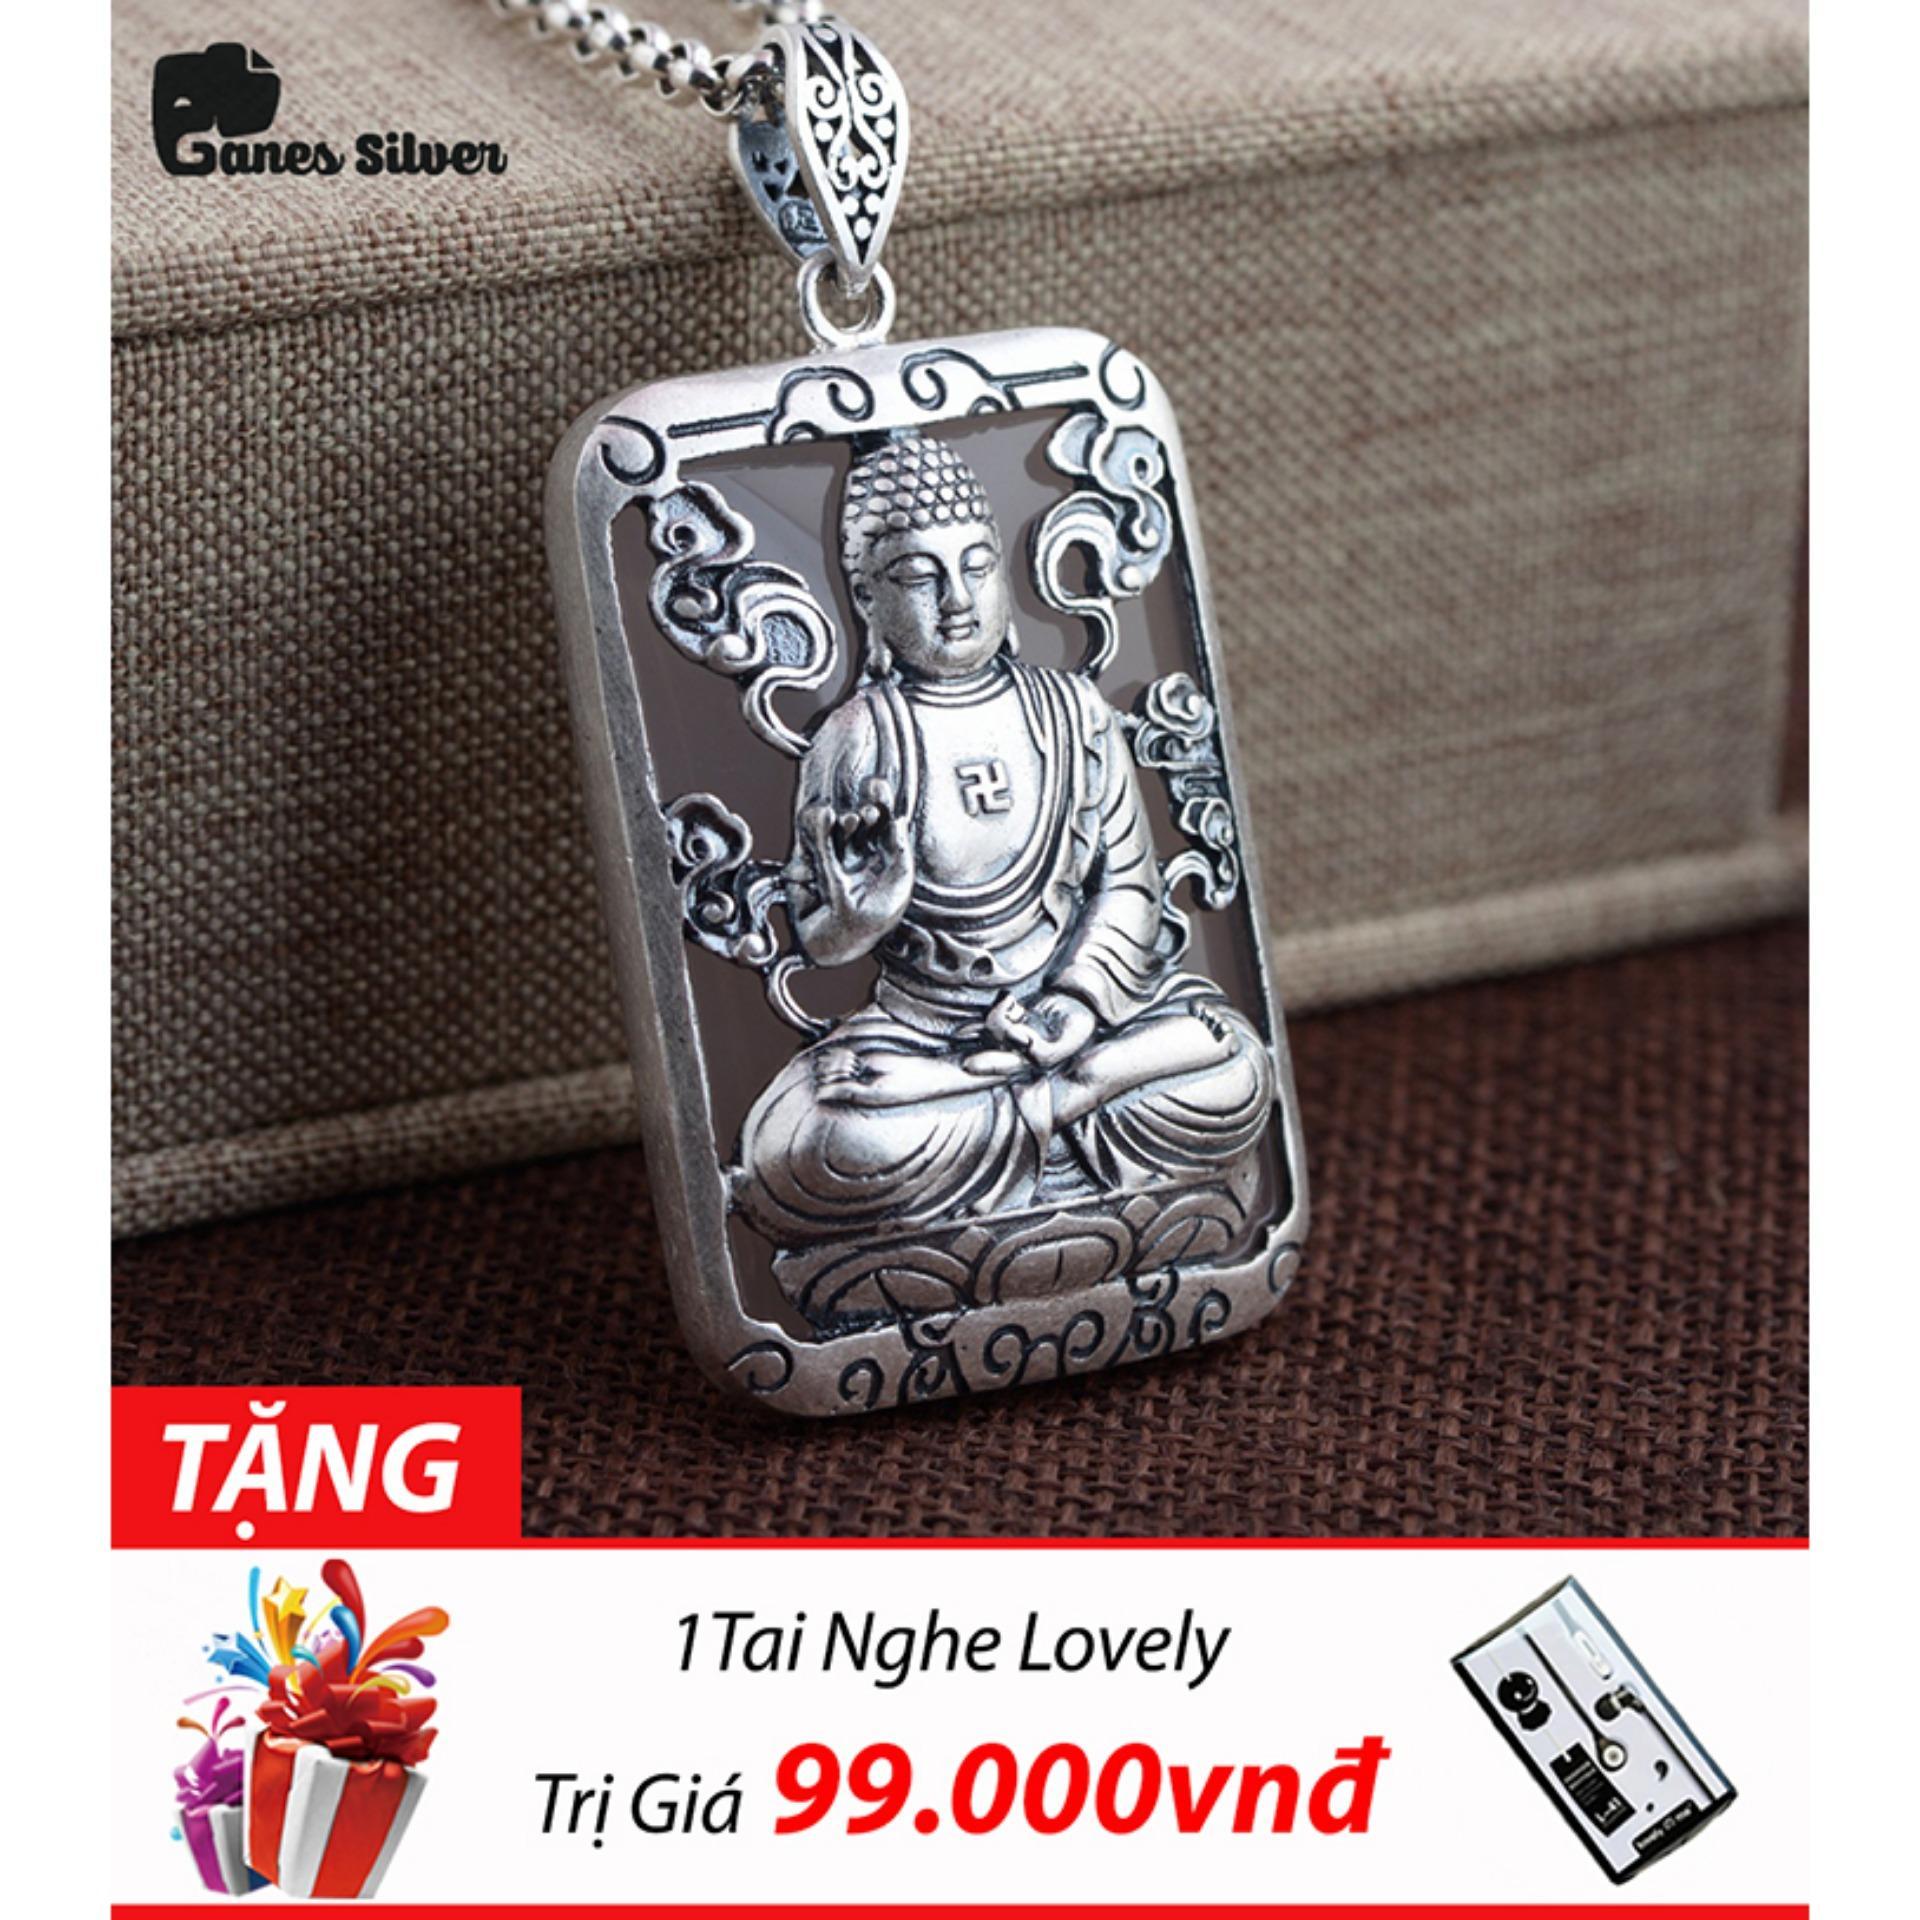 Giá Bán Mặt Day Chuyền Bạc Nam Phật A Di Đa Chất Liệu Bạc Thai Cao Cấp Thương Hiệu Ganes Bạc Ganes Silver Mới